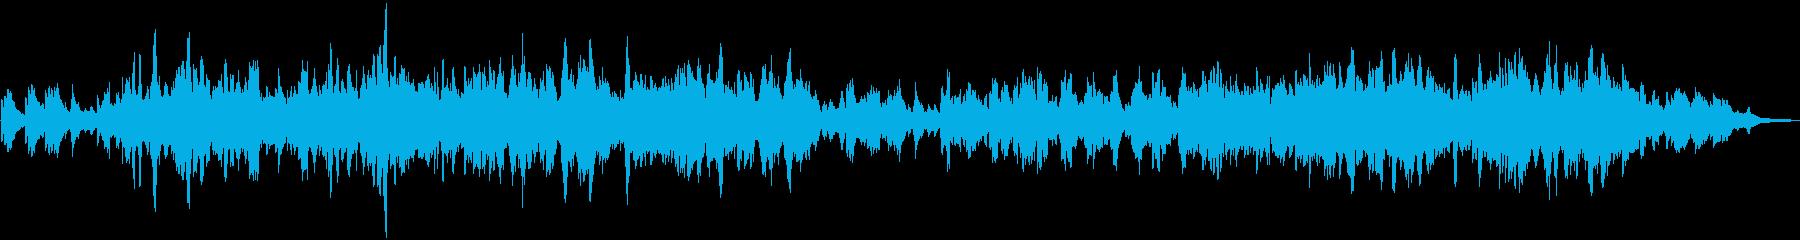 二胡の生演奏による哀愁のある曲の再生済みの波形